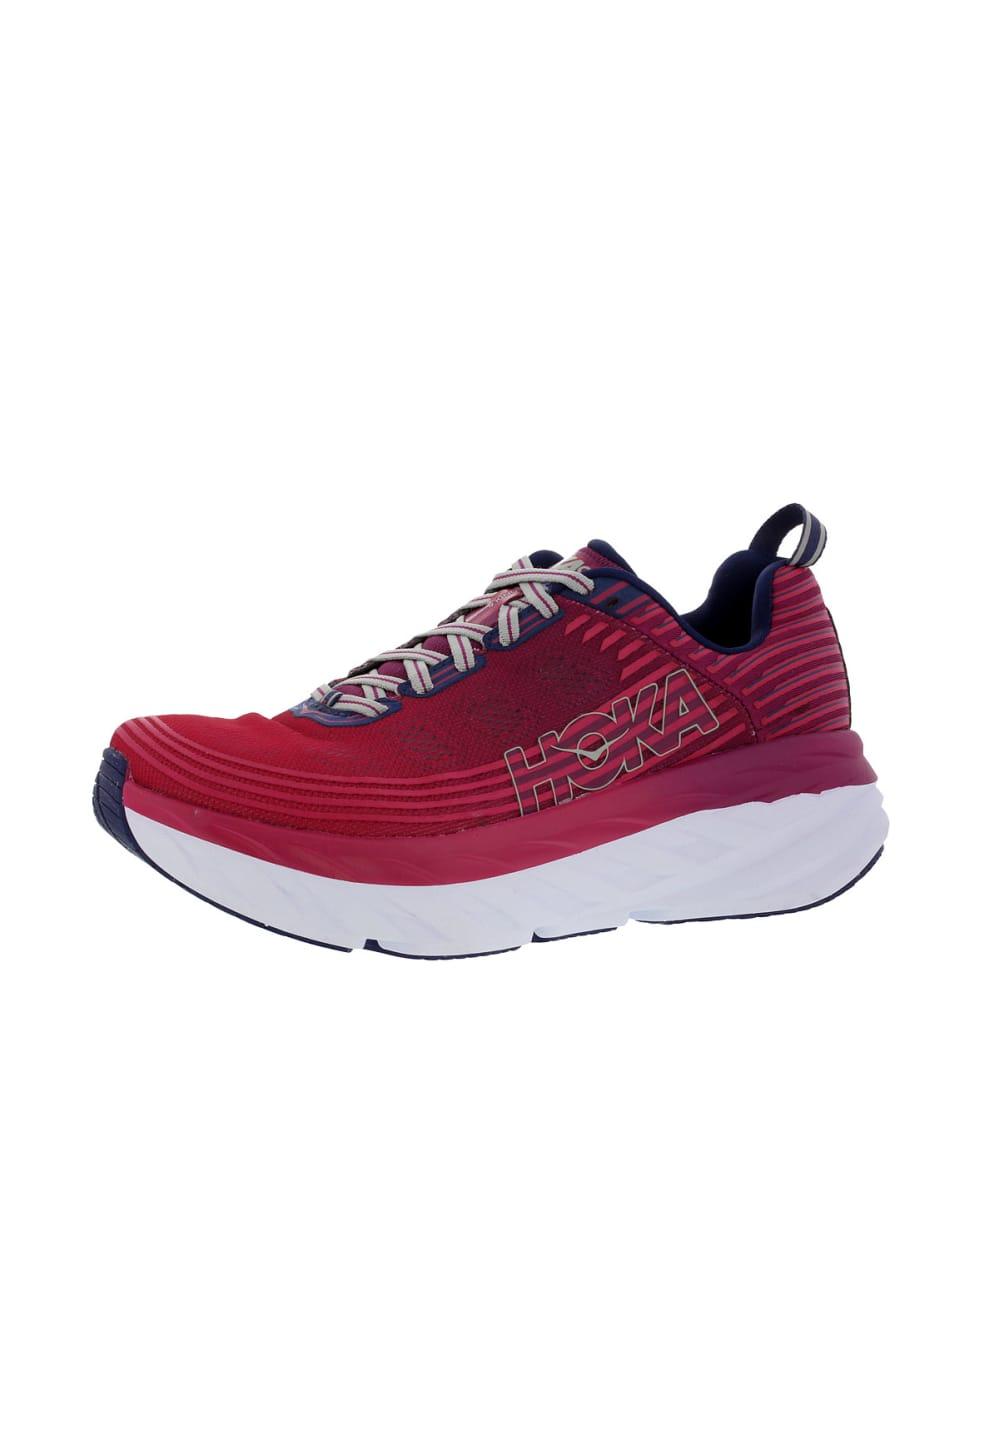 Sportschuhe für Frauen - Hoka OneOne Bondi 6 Laufschuhe für Damen Rot  - Onlineshop 21Run